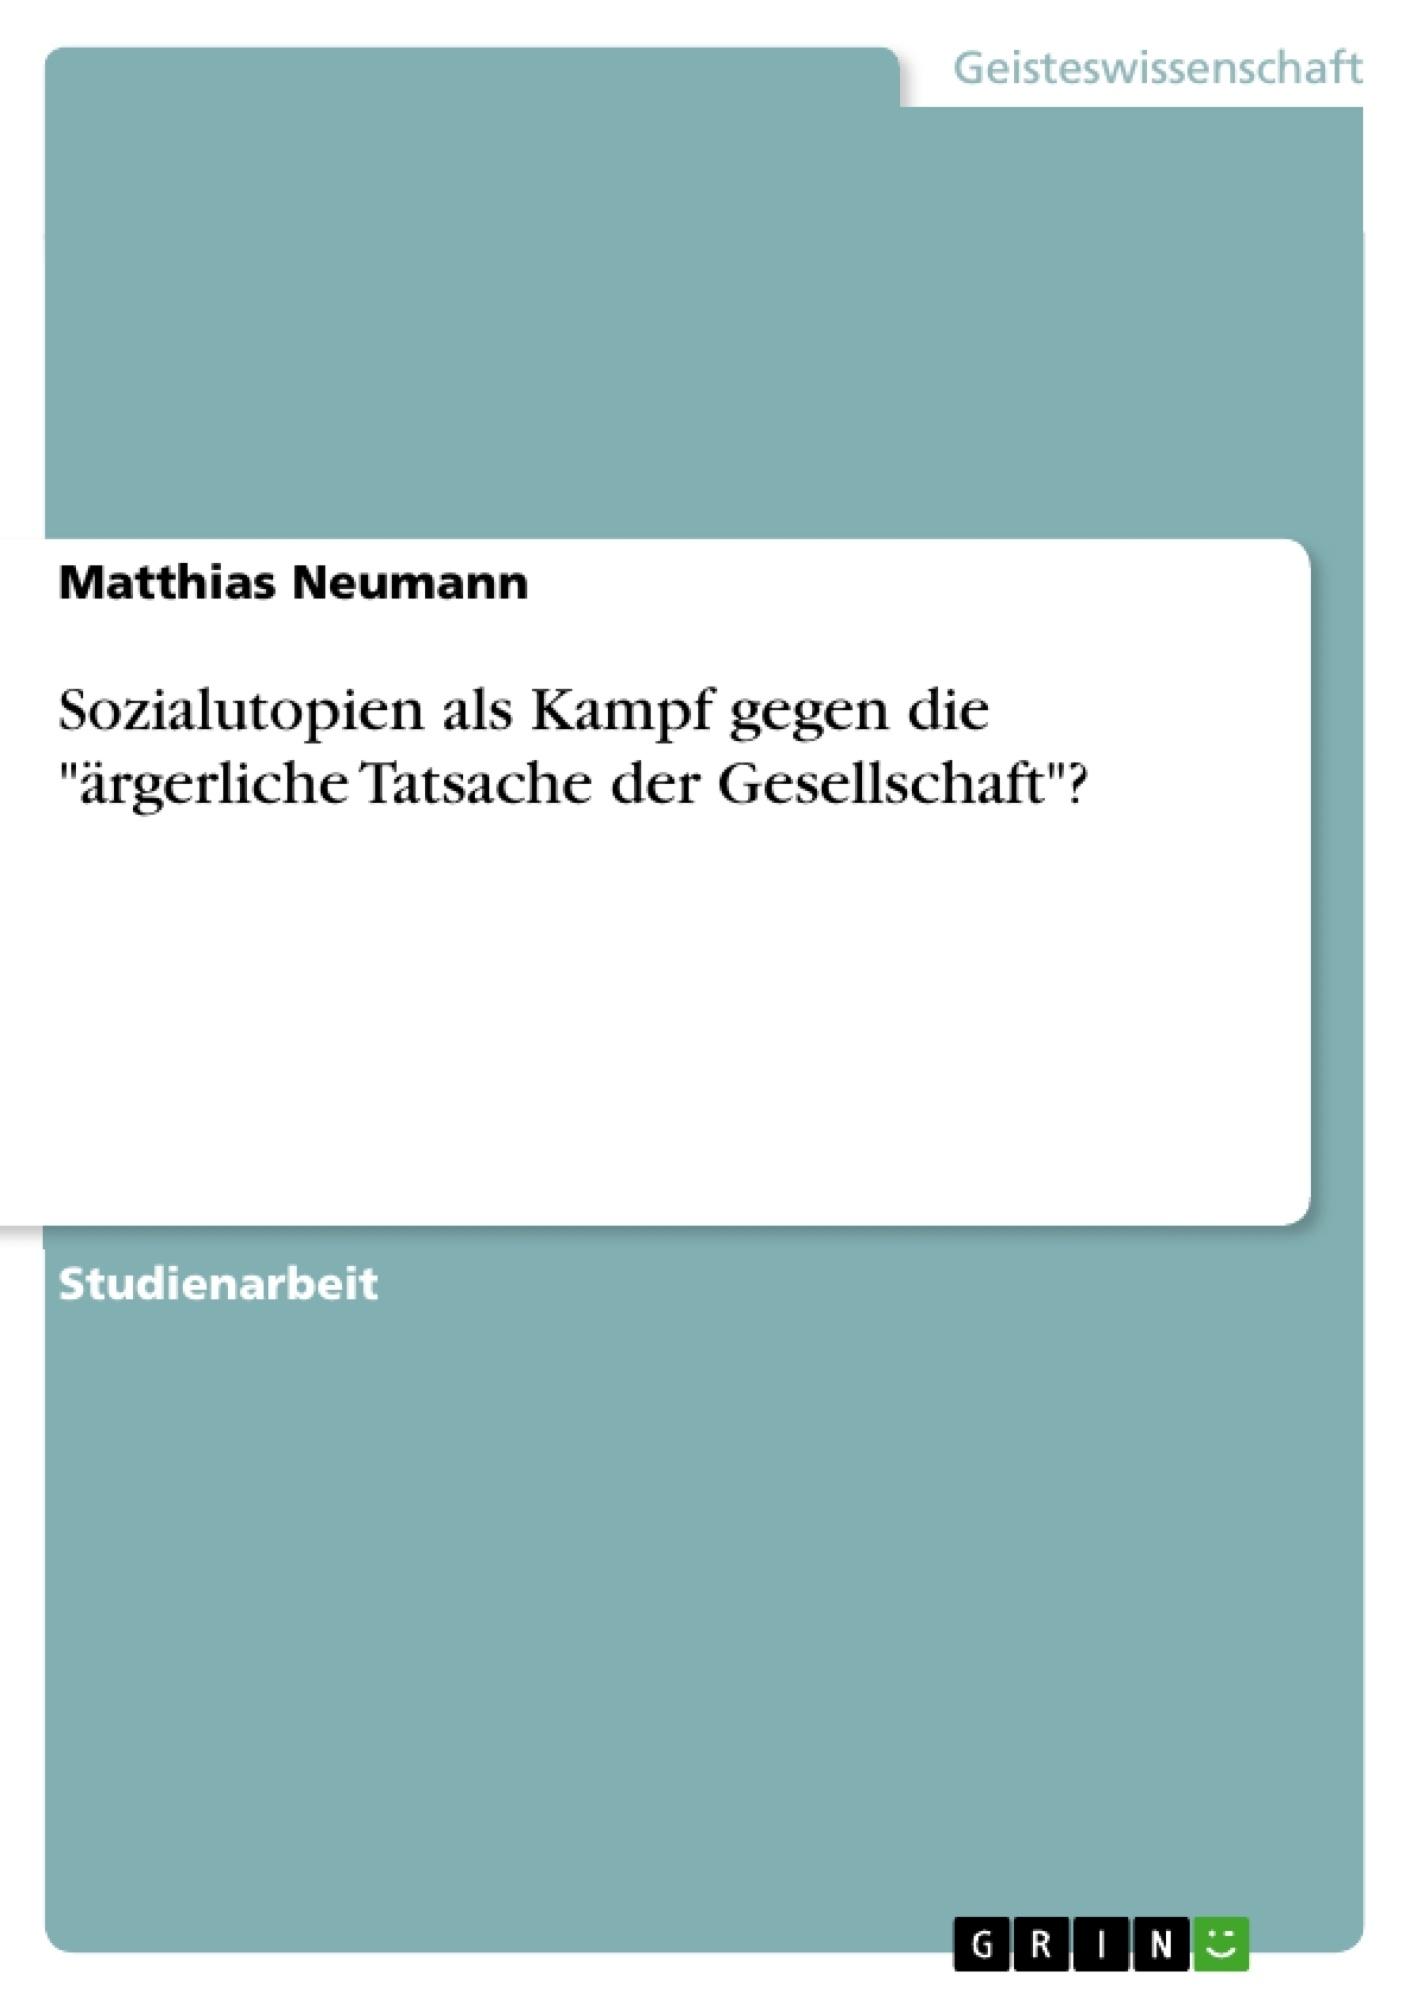 """Titel: Sozialutopien als Kampf gegen die """"ärgerliche Tatsache der Gesellschaft""""?"""